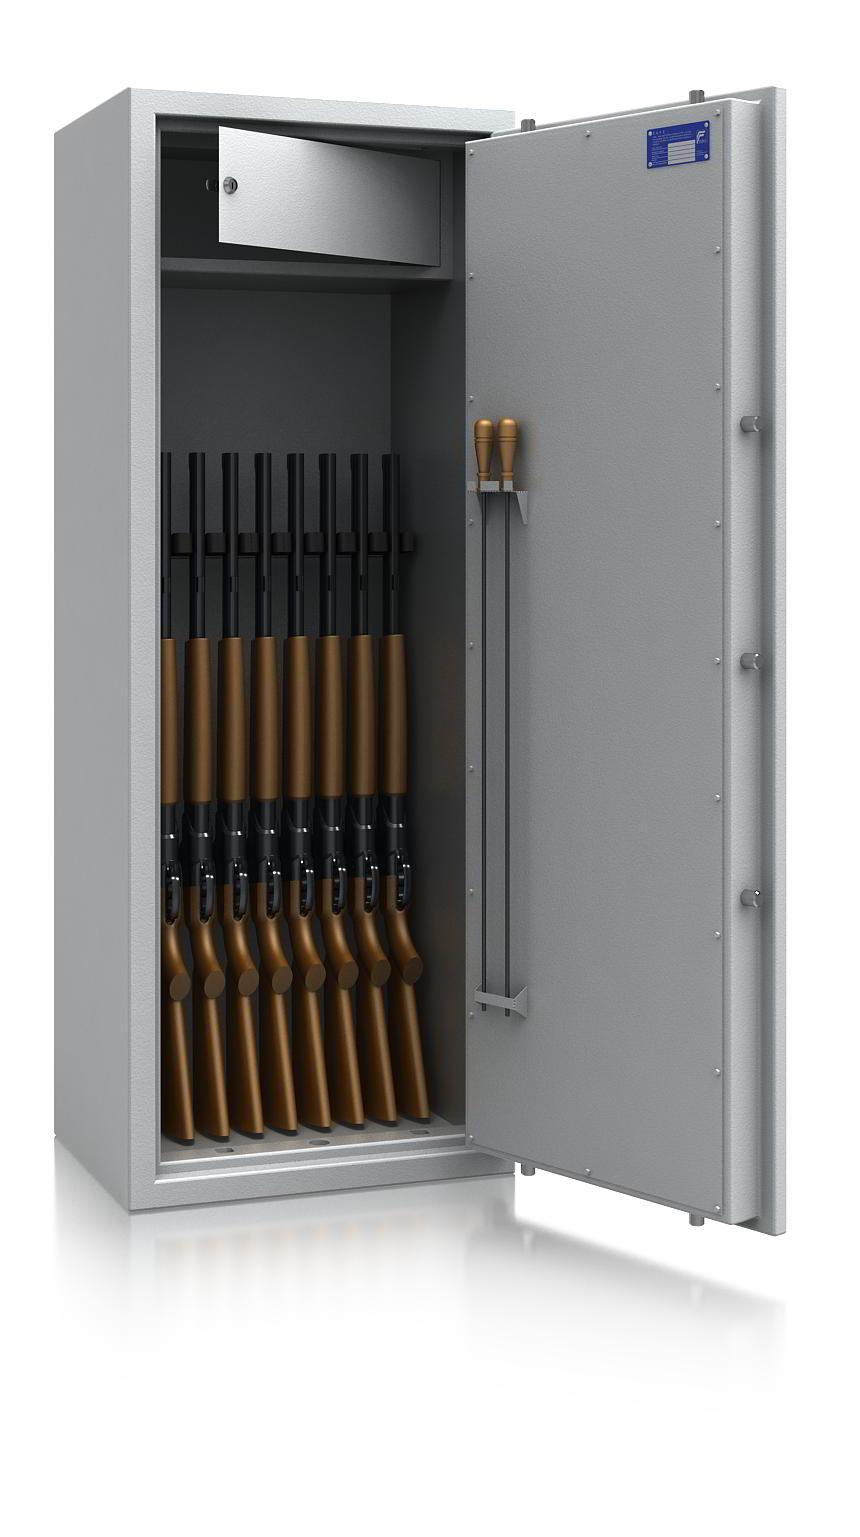 Waffenschrank 56401 St. Gallen WF EN 1143-1 Klasse I -WaffG §36 2017